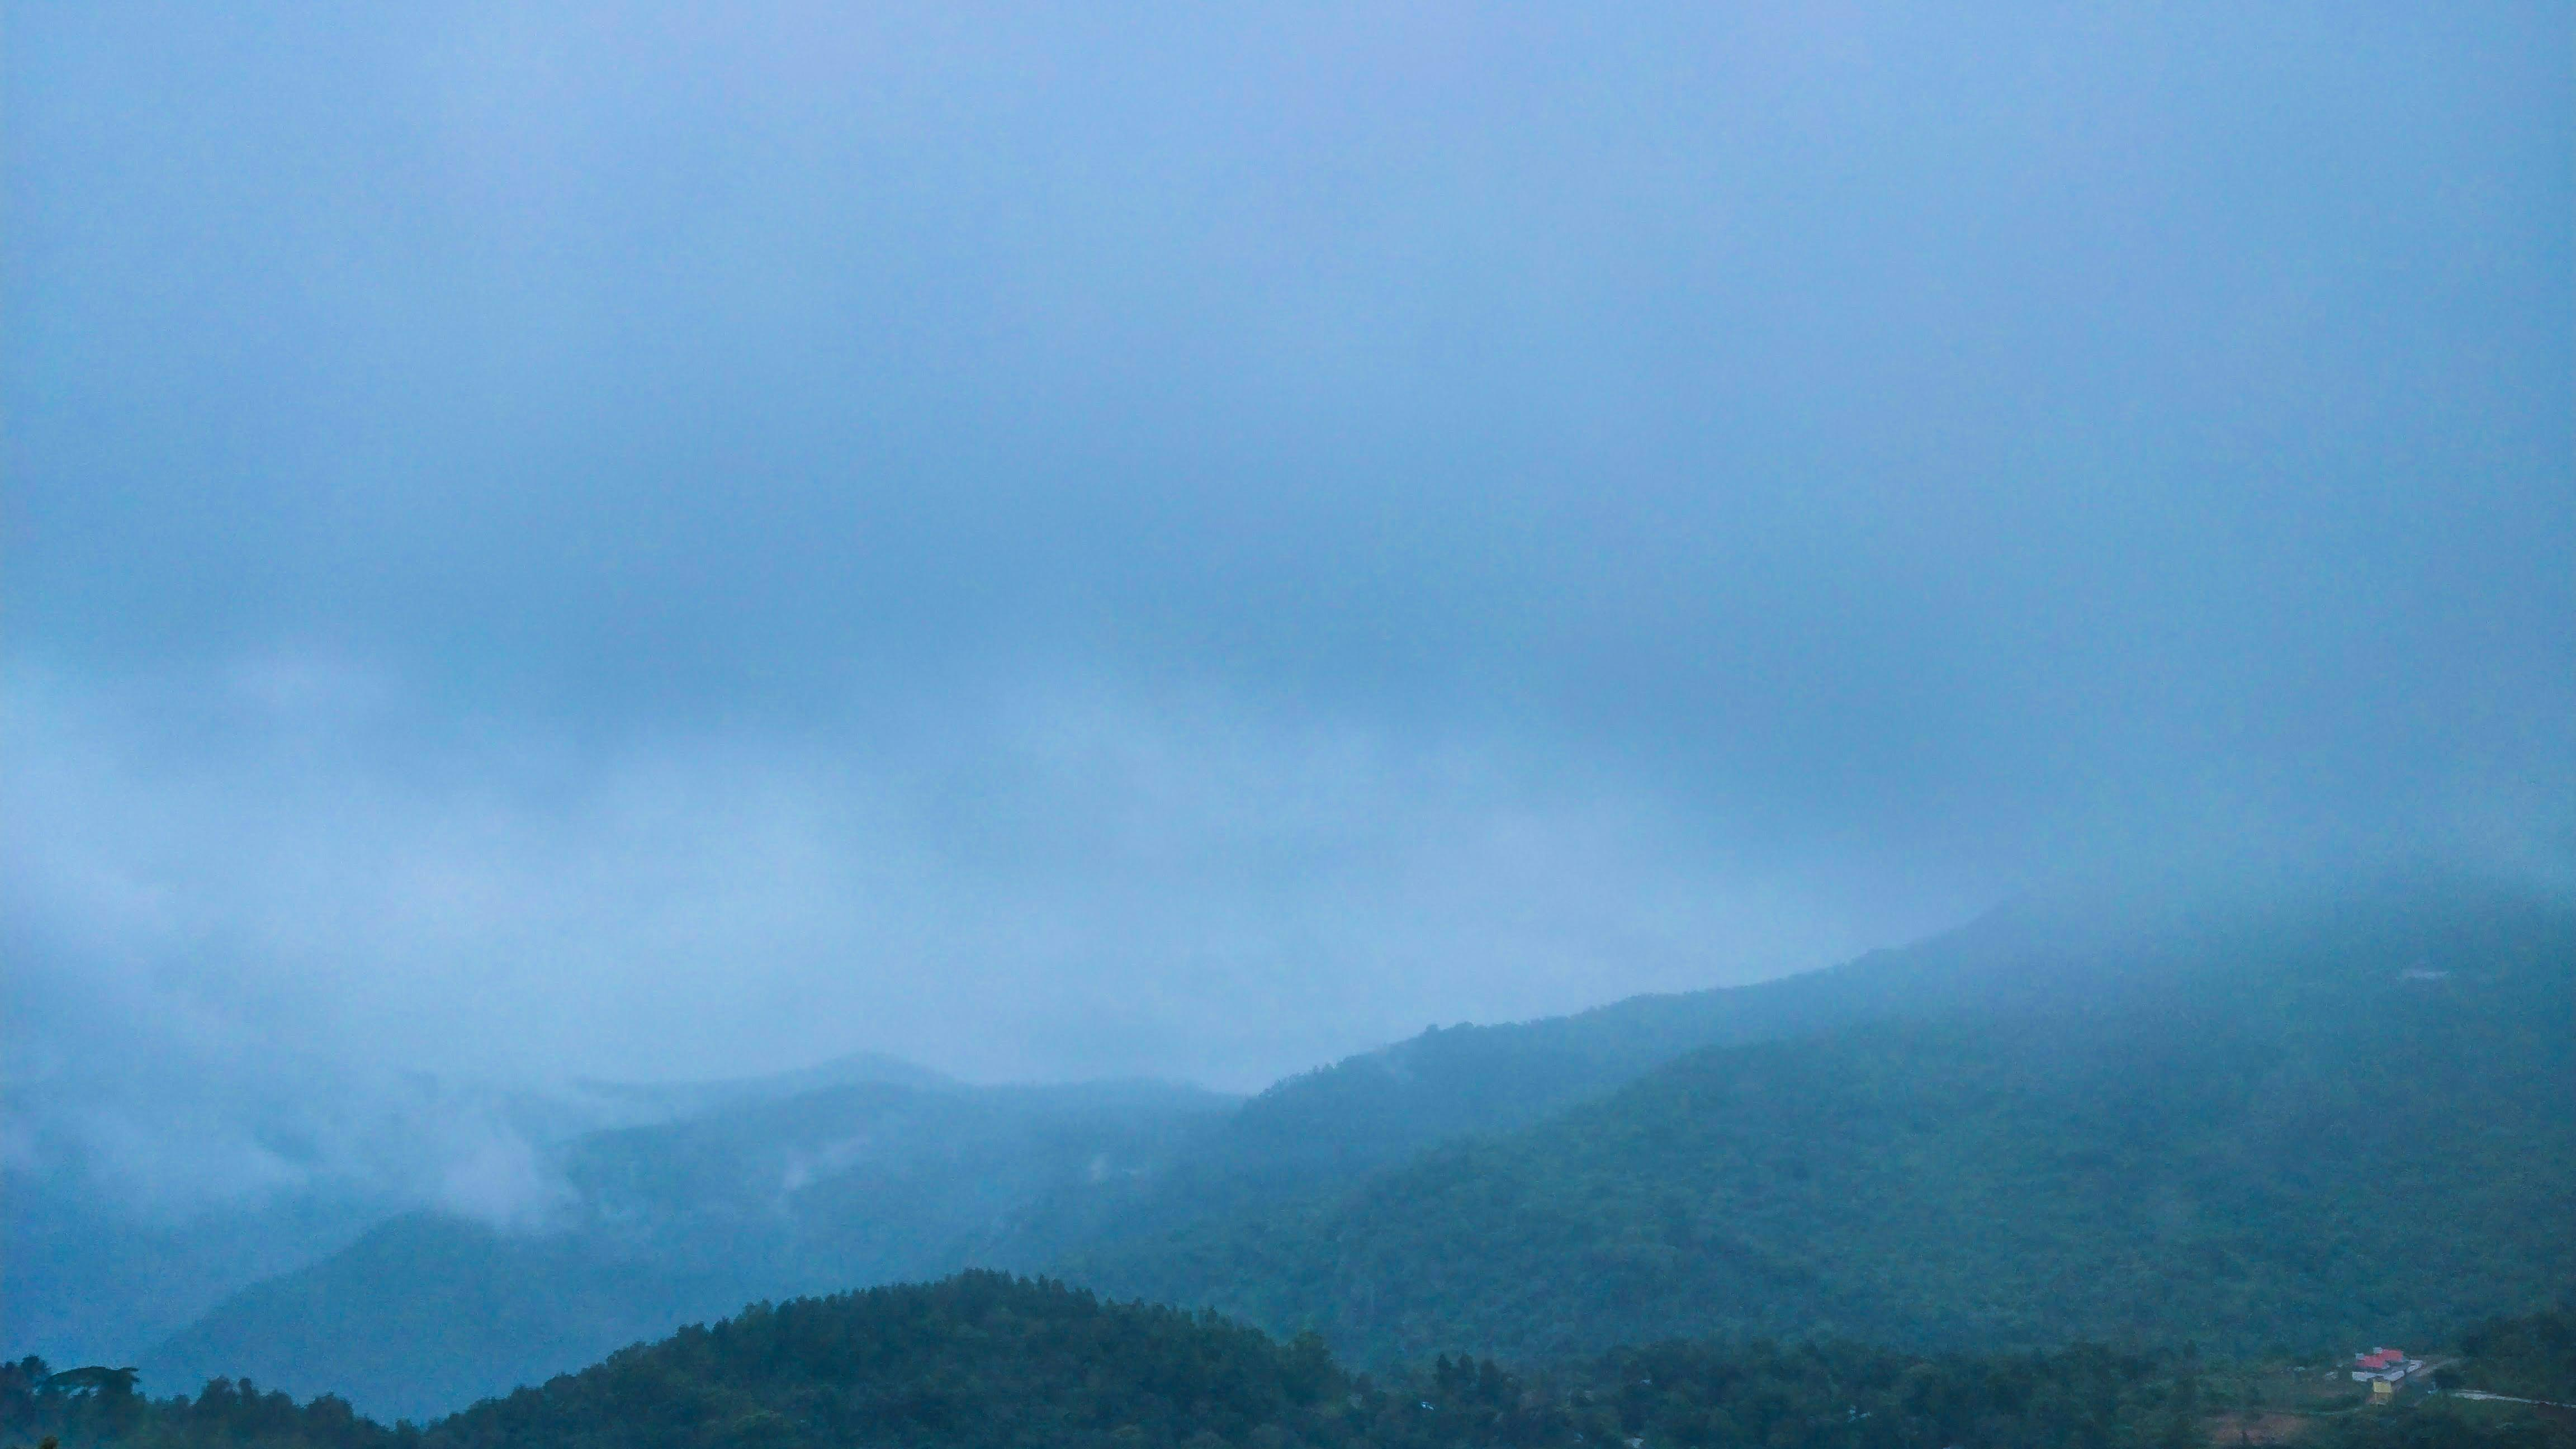 காடுகள் மலைகள் தேவன் கலைகள்... ஏழைகளின் ஊட்டி ஏற்காடு! #PhotoAlbum - படங்கள்: இ.ராஜ விபீஷிகா